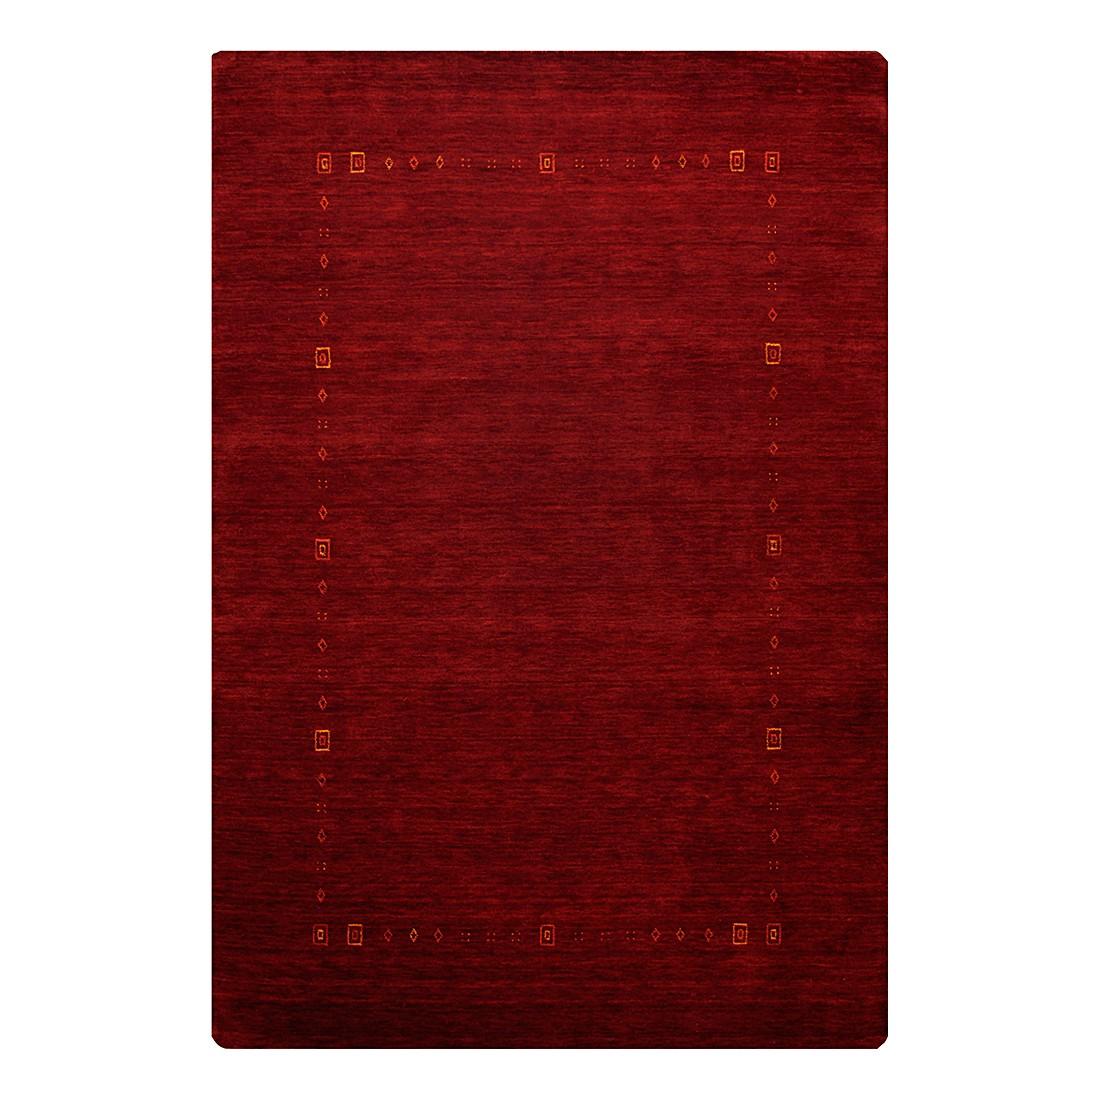 Teppich Lori Dream – Wolle/Rot – 250 cm x 350 cm, THEKO die markenteppiche online bestellen